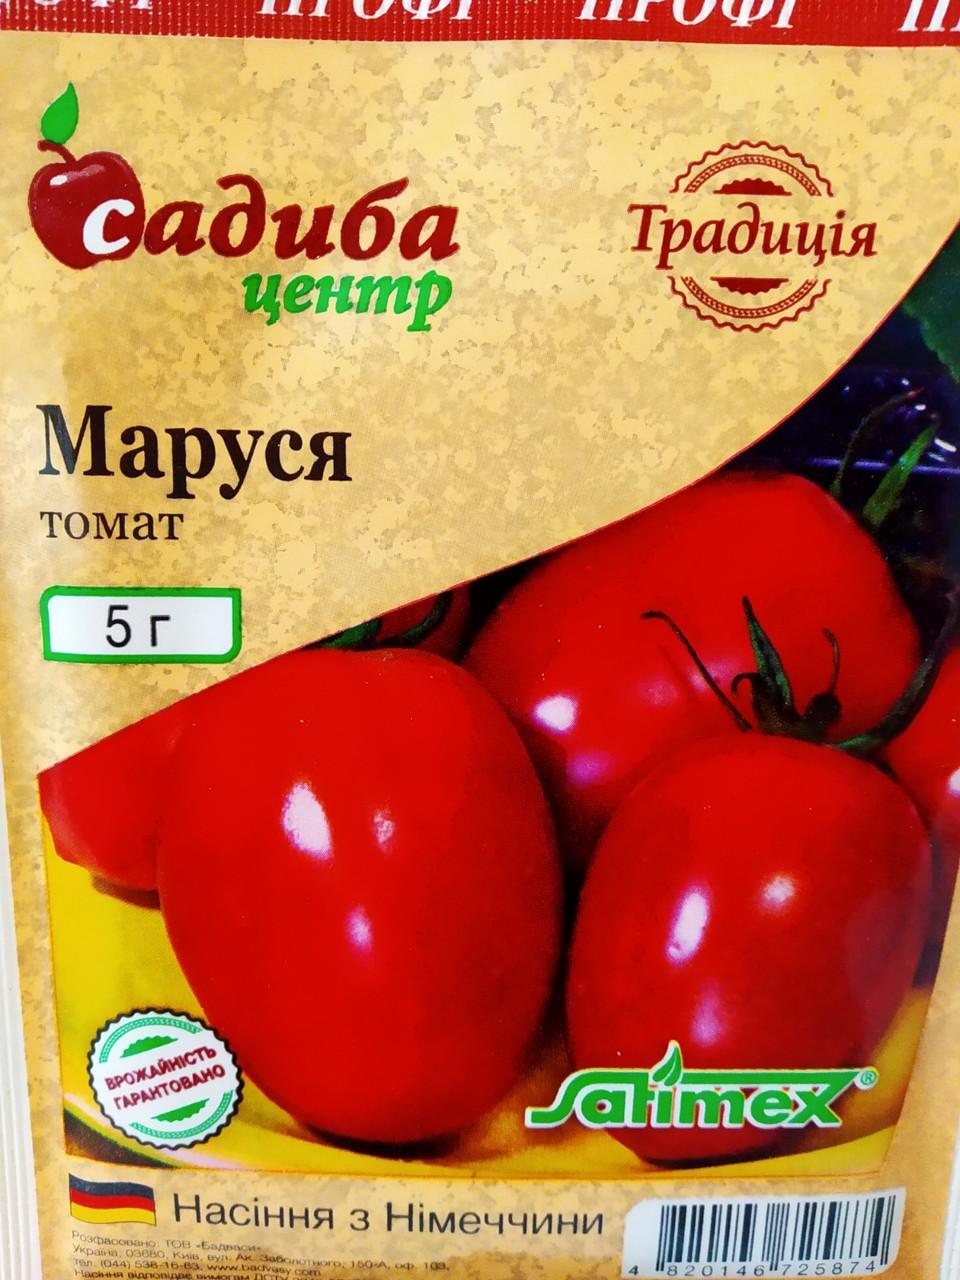 """Семена томата Маруся среднеранний, низкорослый, штамбовый 5 грамм, """"Satimex"""", Германия"""